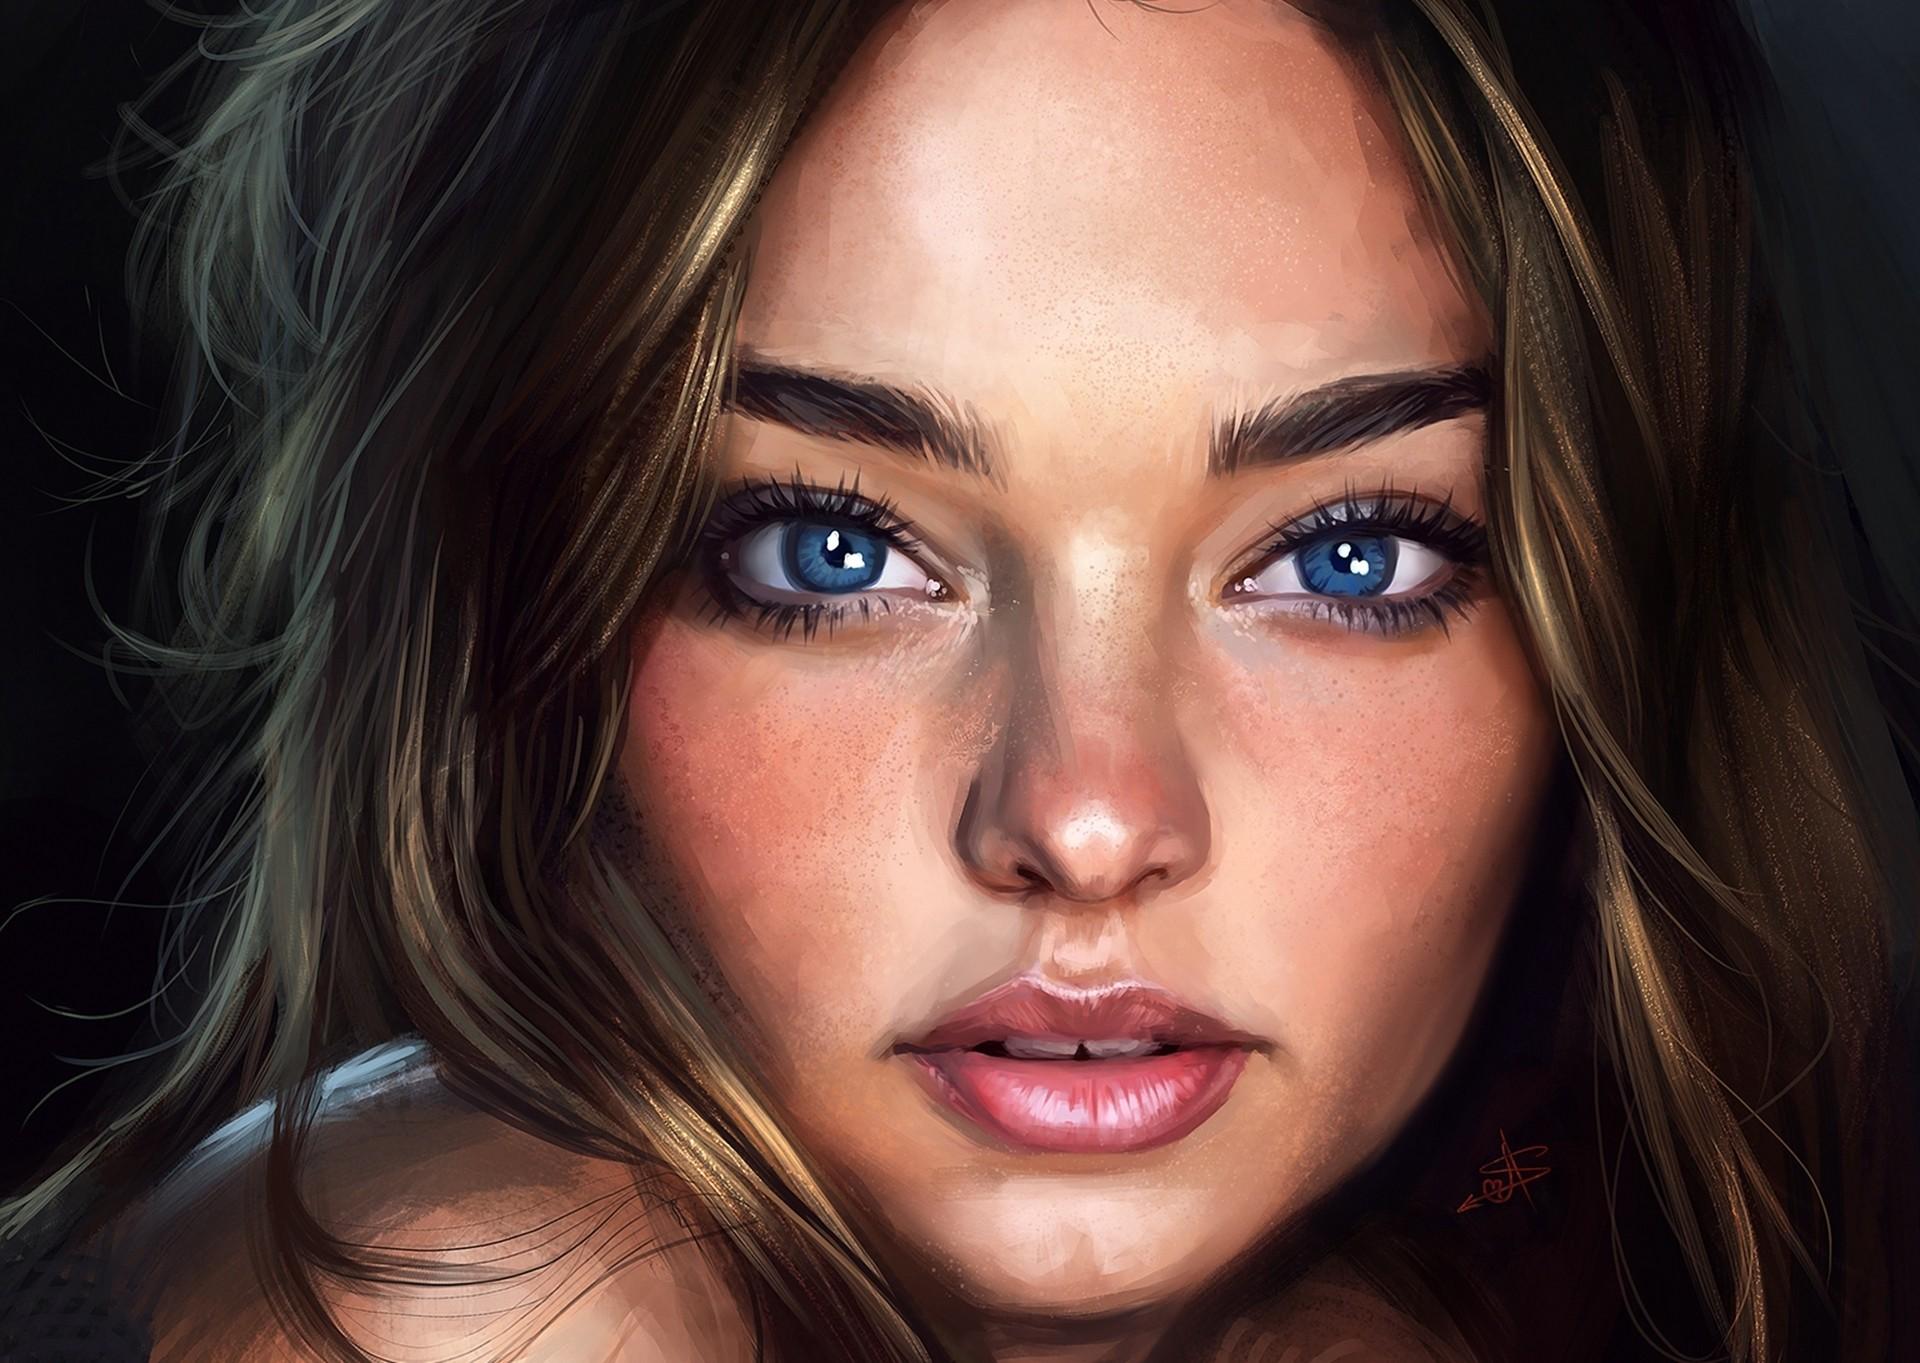 Wallpaper Face Women Model Nose Rings Long Hair: Wallpaper : Face, Women, Model, Long Hair, Artwork, Black